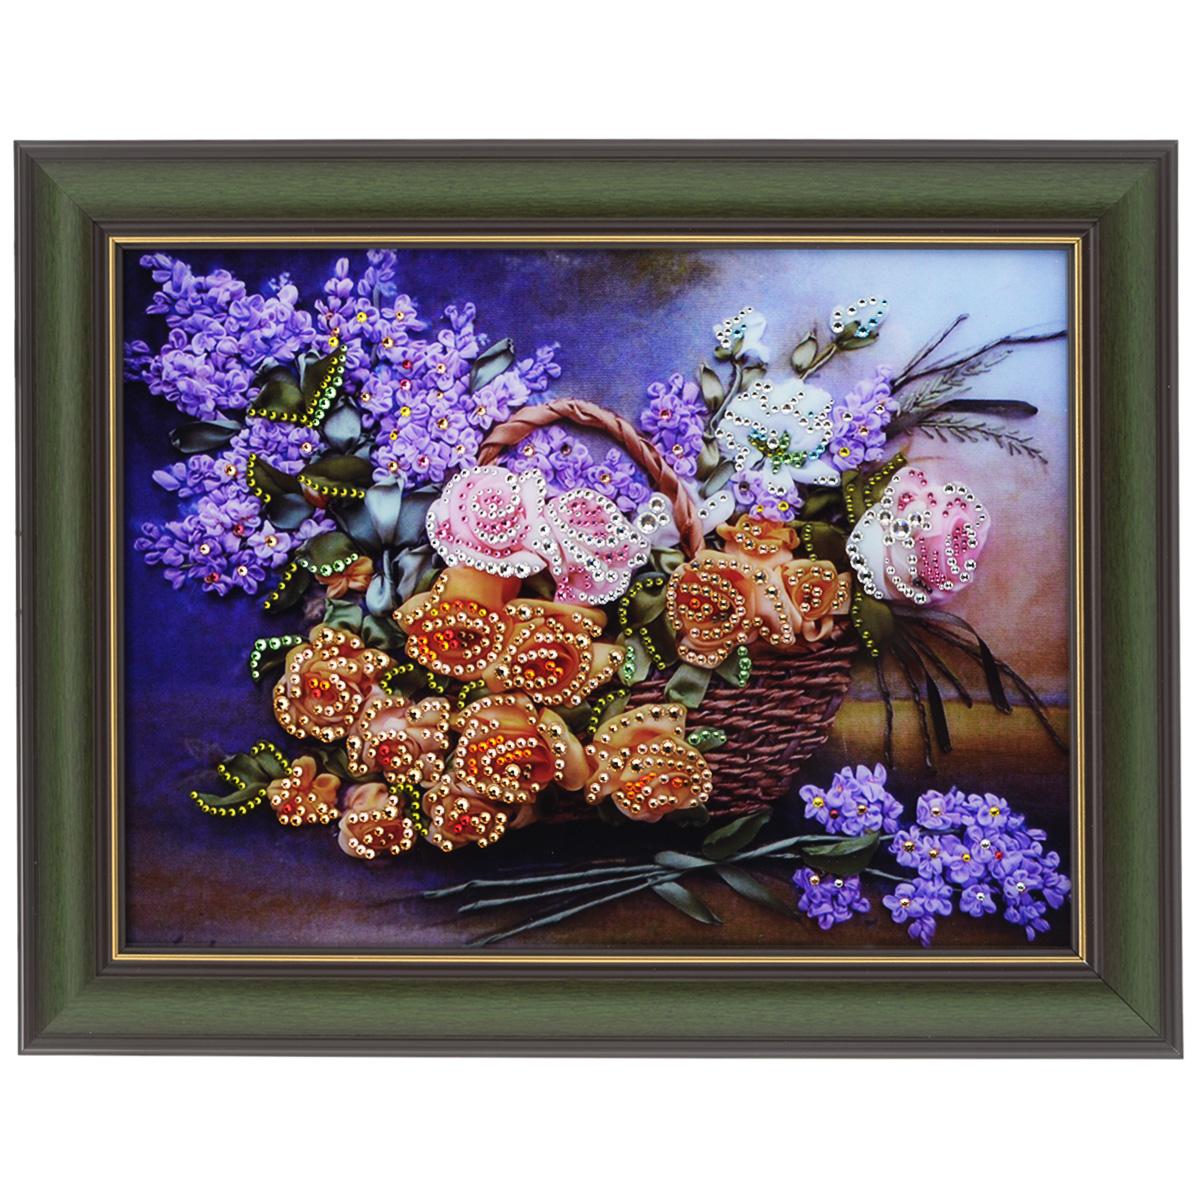 Картина с кристаллами Swarovski Натюрморт сирень, 48 х 38 см1421Изящная картина в багетной раме, инкрустирована кристаллами Swarovski, которые отличаются четкой и ровной огранкой, ярким блеском и чистотой цвета. Красочное изображение цветов в корзине, расположенное под стеклом, прекрасно дополняет блеск кристаллов. С обратной стороны имеется металлическая проволока для размещения картины на стене. Картина с кристаллами Swarovski Натюрморт сирень элегантно украсит интерьер дома или офиса, а также станет прекрасным подарком, который обязательно понравится получателю. Блеск кристаллов в интерьере, что может быть сказочнее и удивительнее. Картина упакована в подарочную картонную коробку синего цвета и комплектуется сертификатом соответствия Swarovski.